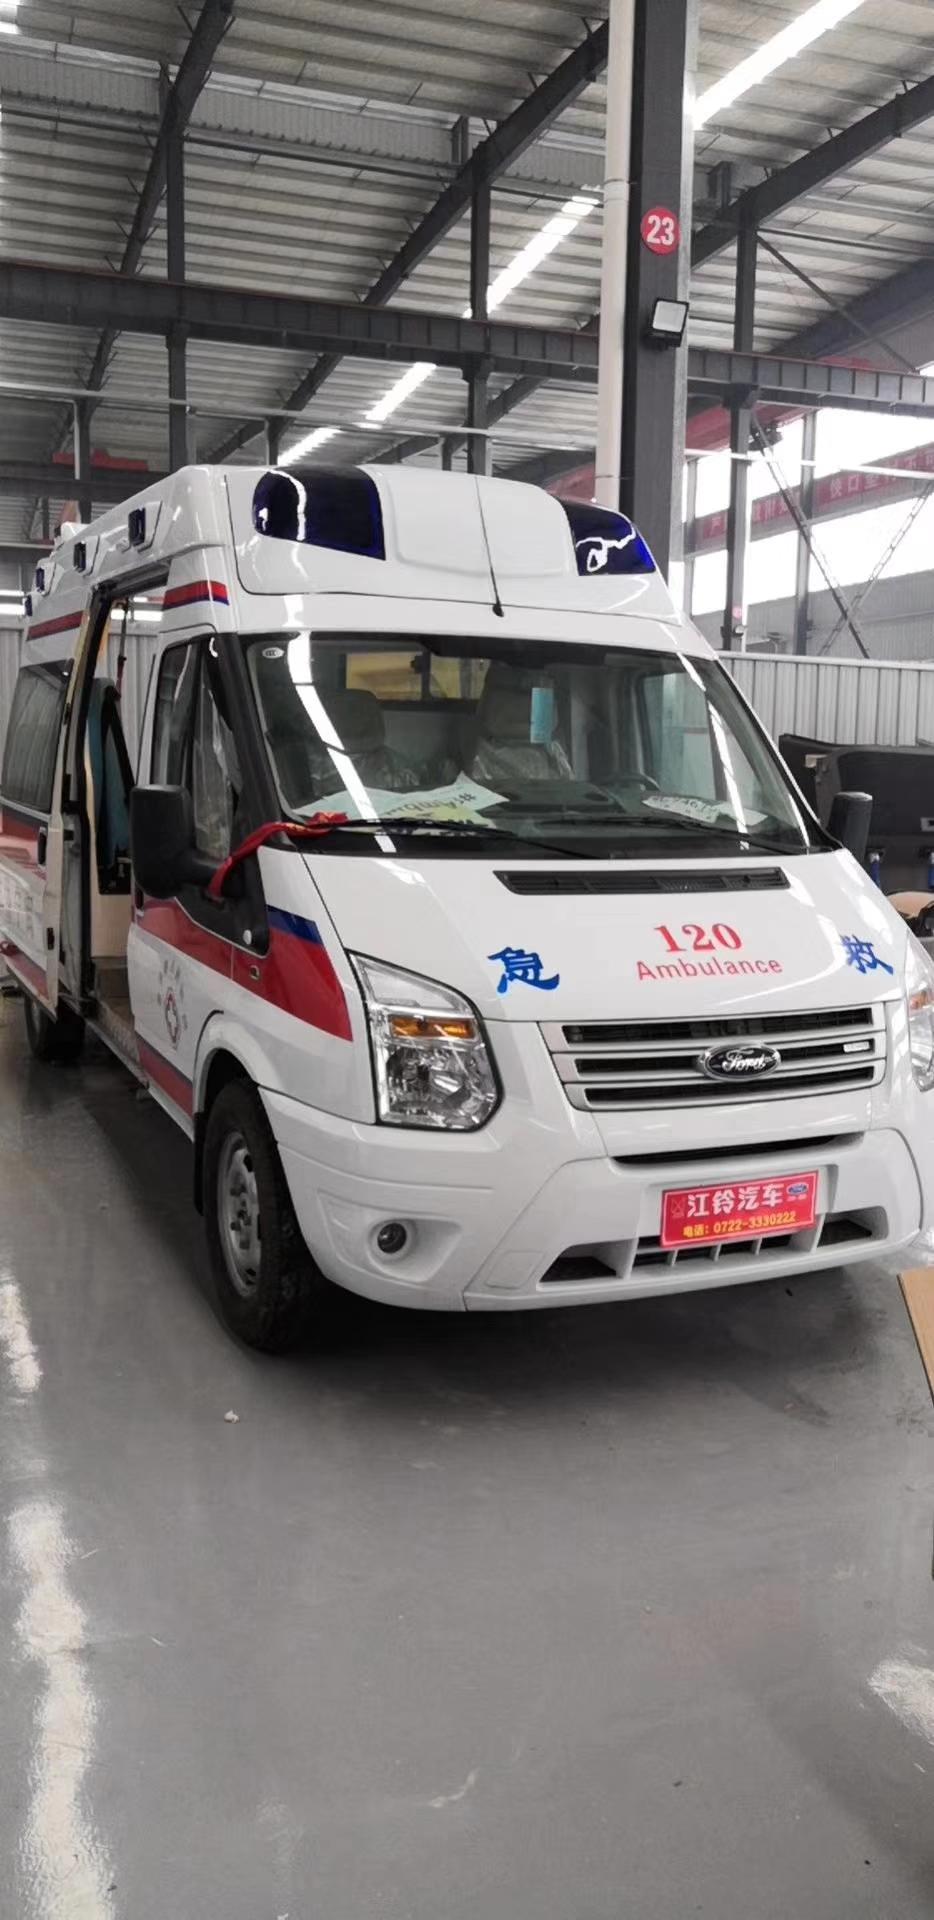 防疫型救護車圖片